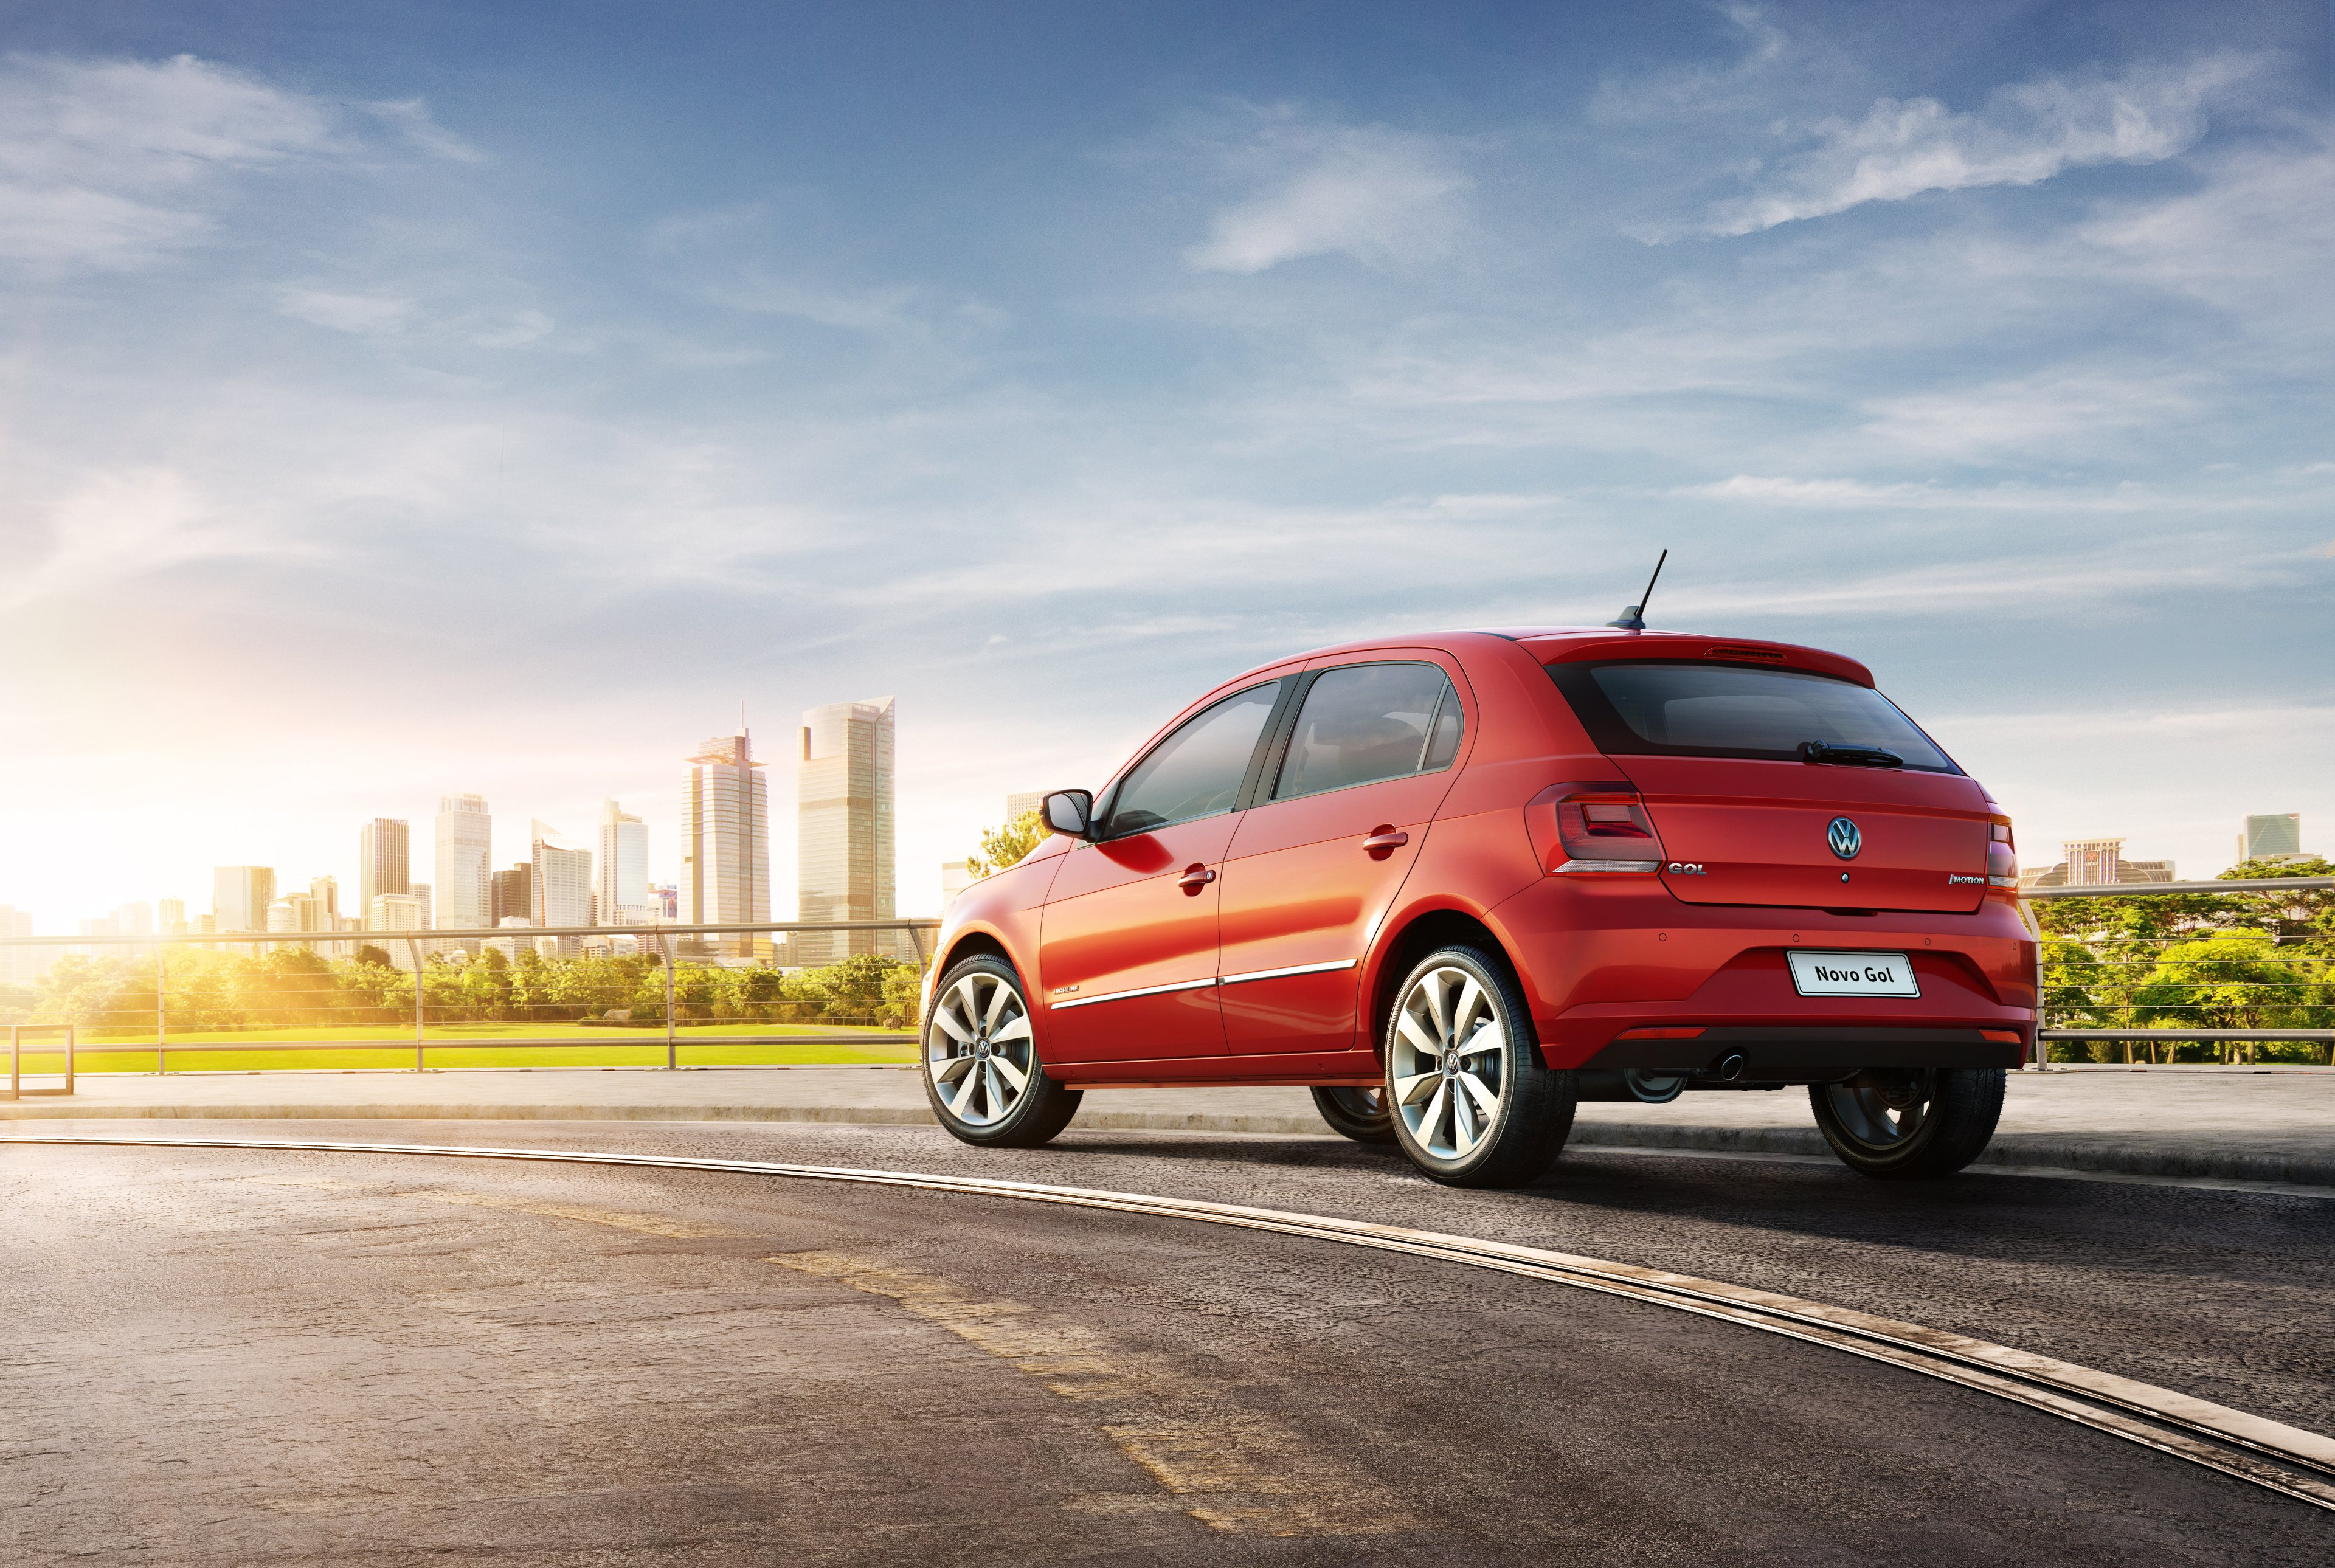 Volkswagen Gol 1.6 Trendline 4 portas